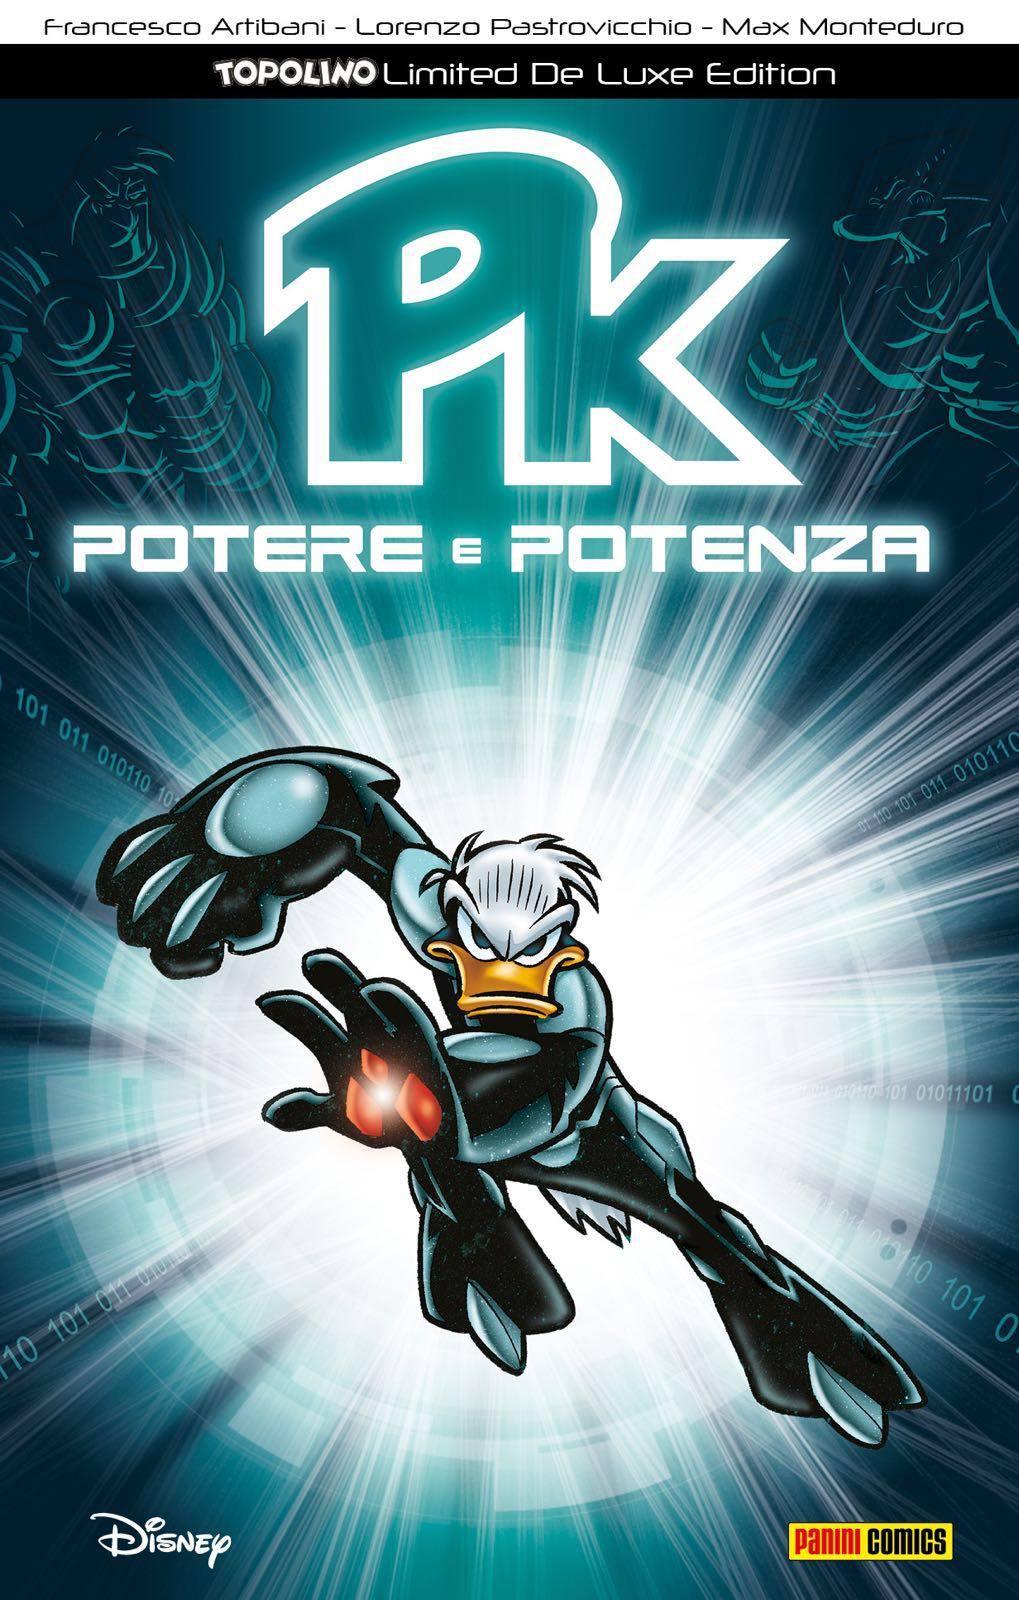 Cover variant Topolino Limited De Luxe Edition 2 - Pk Potere e Potenza